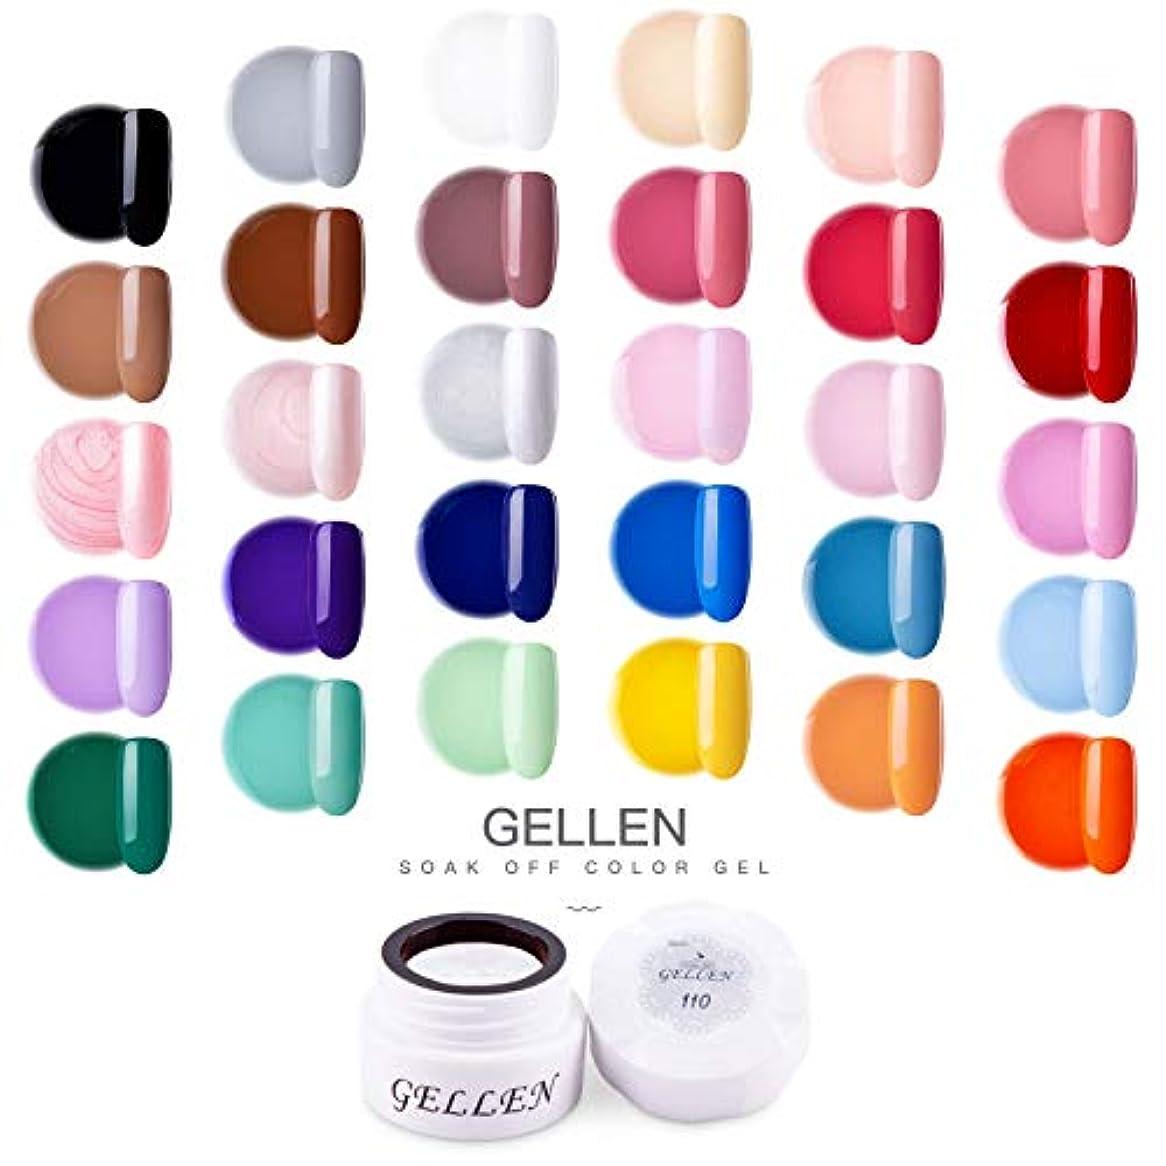 ルール受け入れる疎外Gellen カラージェル 30色定番カラー セット 高品質 5g ジェルネイル カラー ネイルブラシ付き